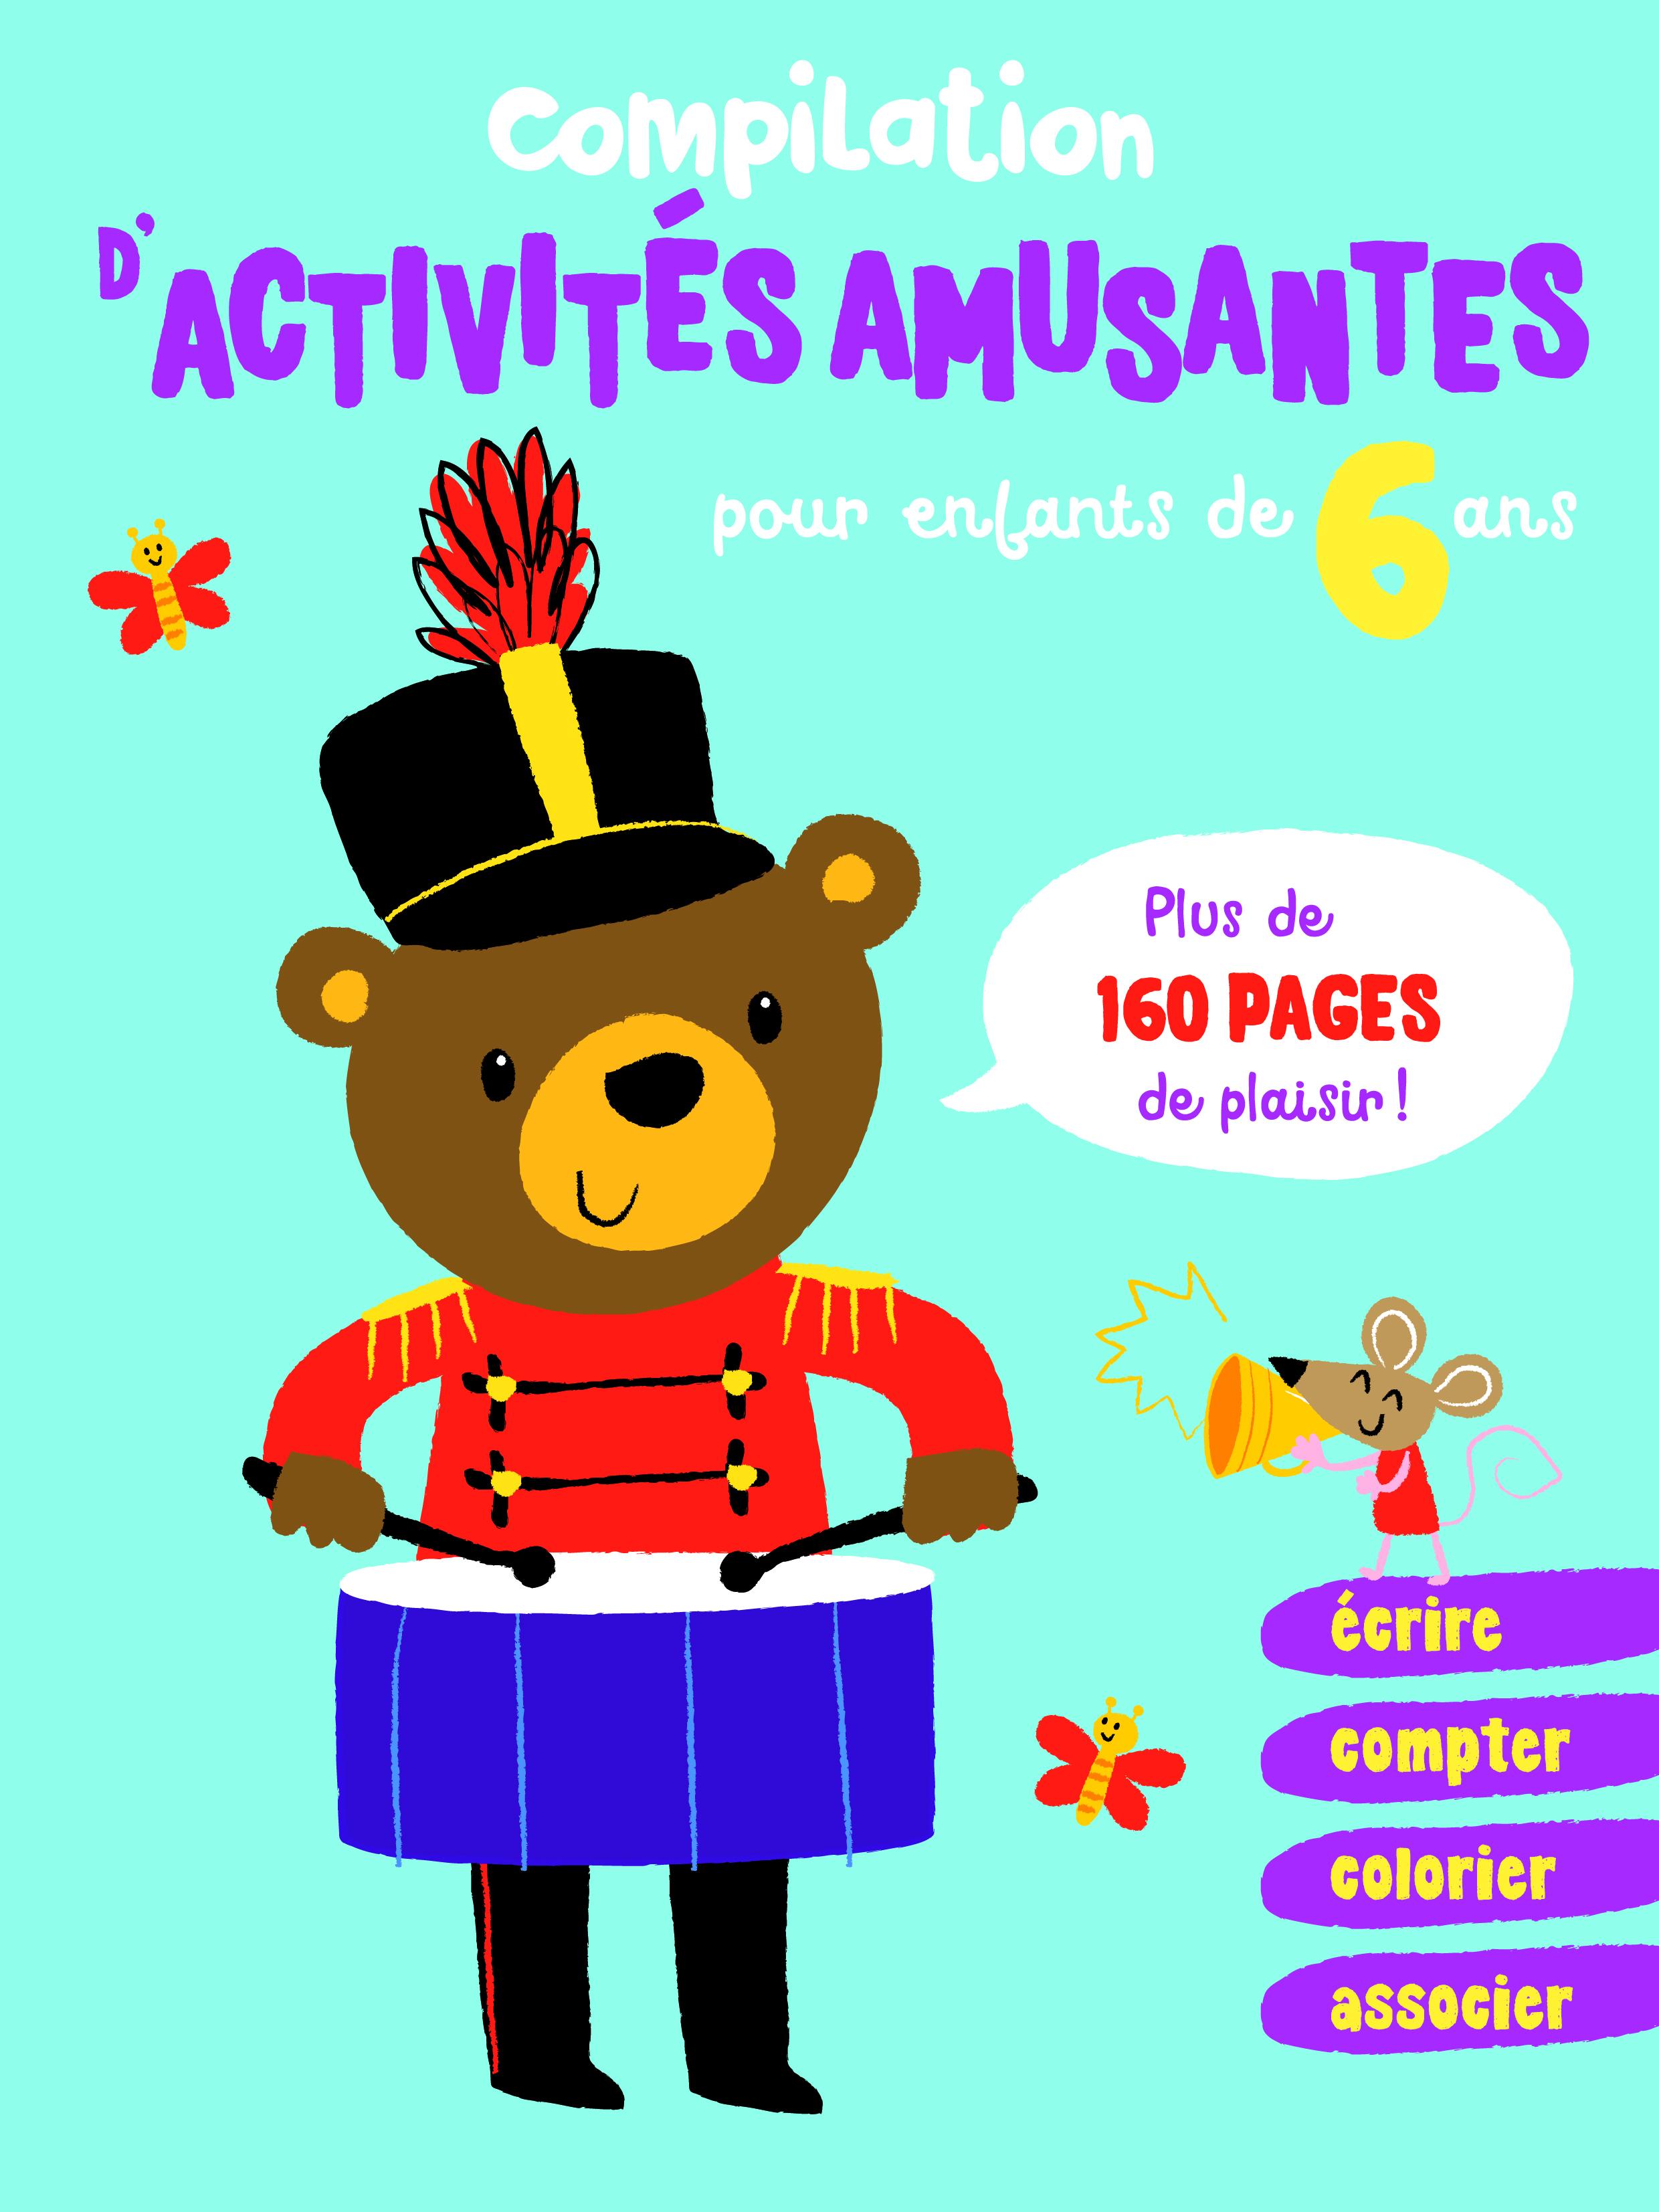 COMPILATION D'ACTIVITES AMUSANTES POUR ENFANTS DE 6 ANS